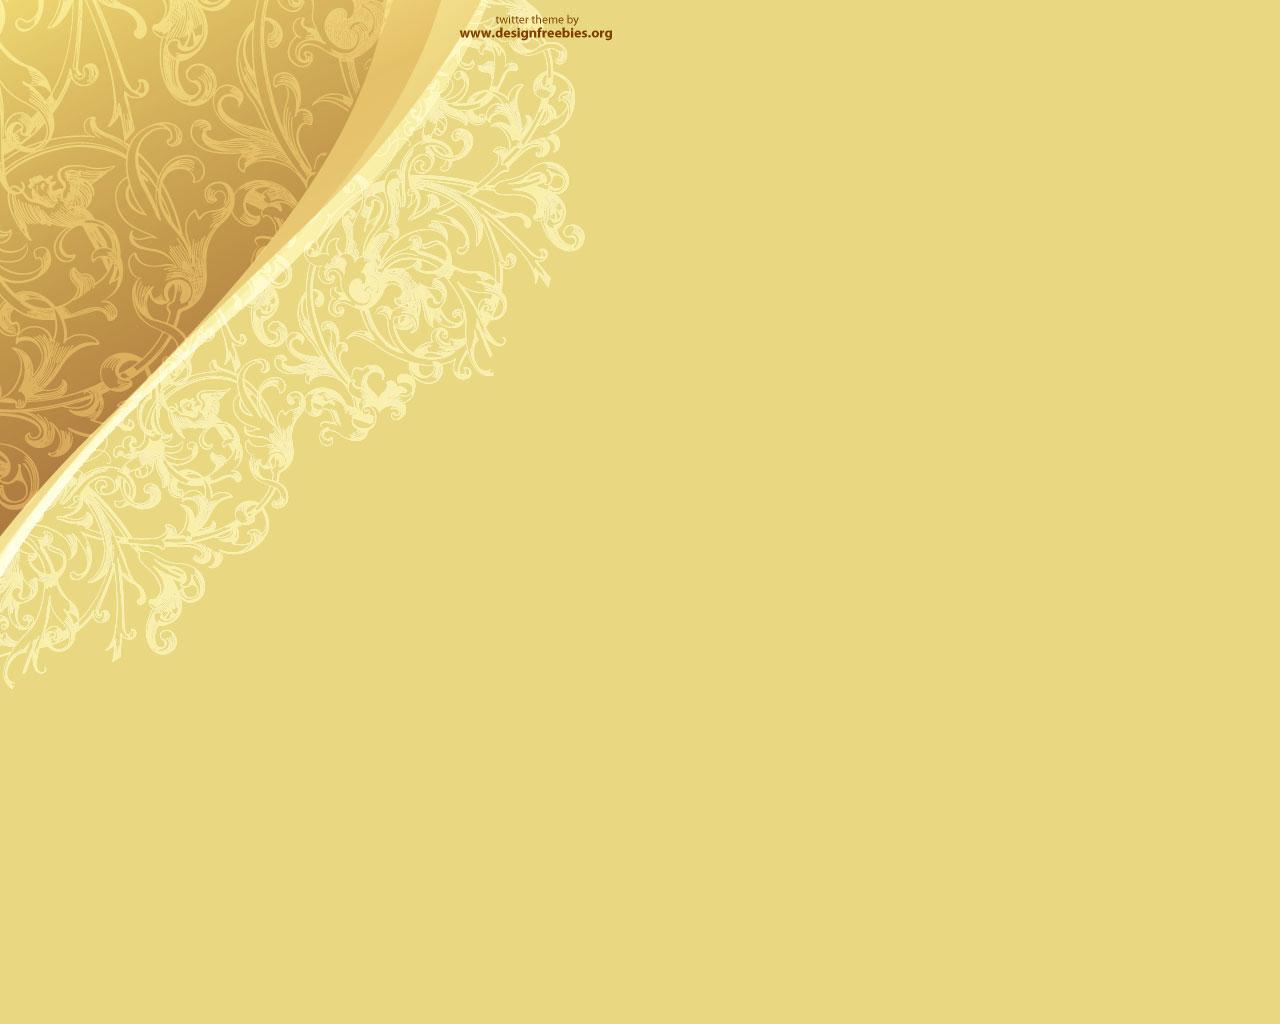 Seamless Twitter Backgrounds Designfreebies 1280x1024